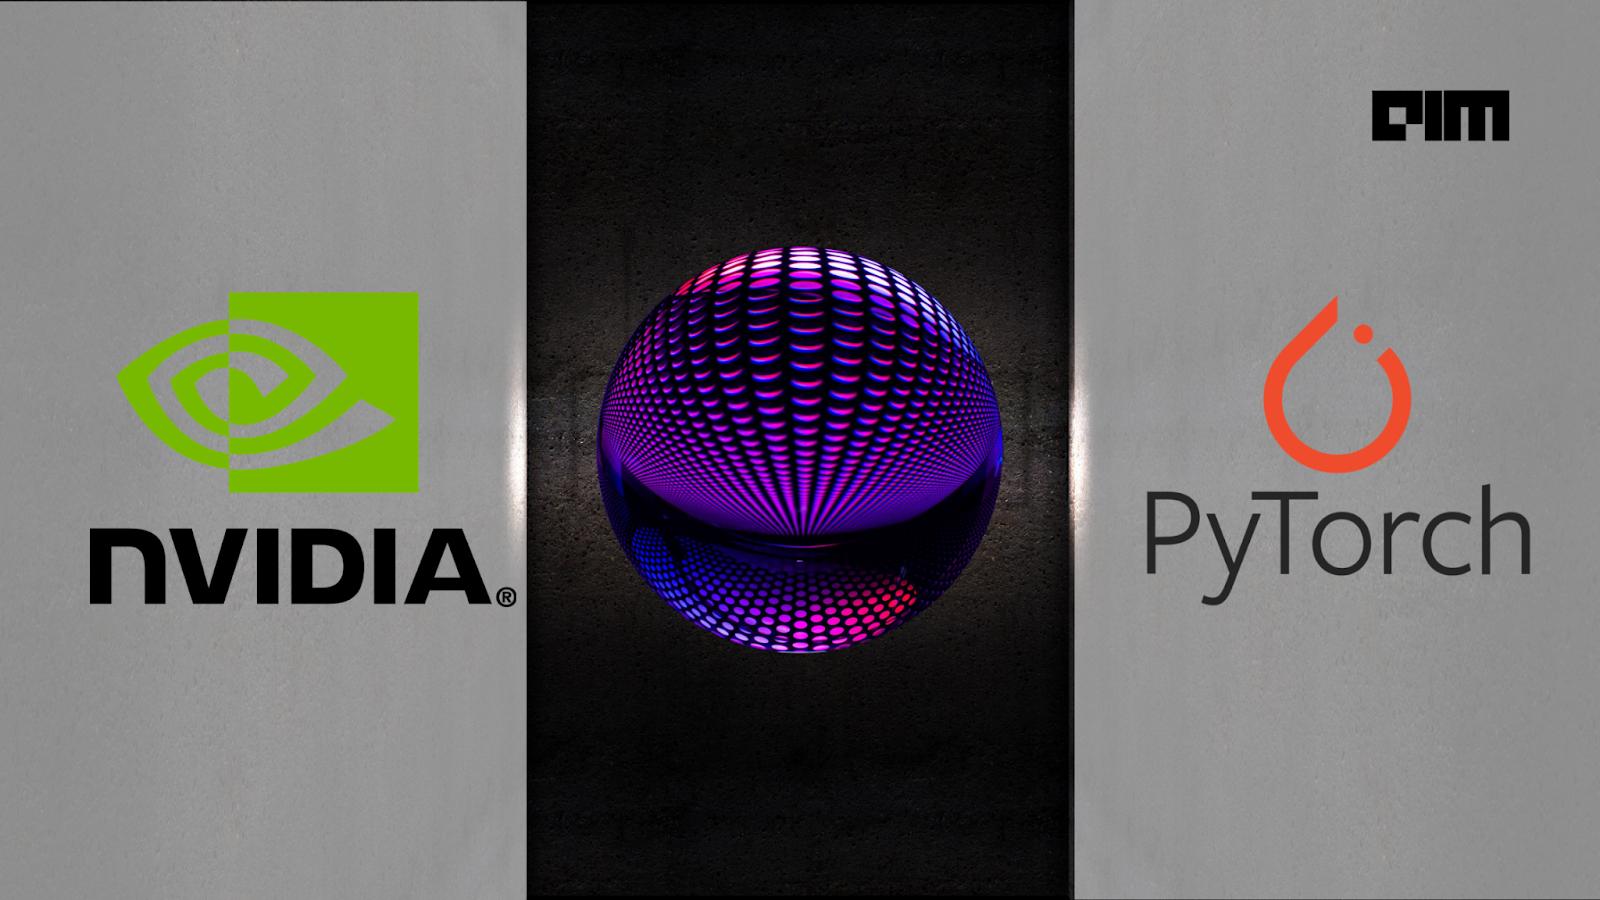 NVIDIA's Kaolin: A 3D Deep Learning Library - Analytics India Magazine